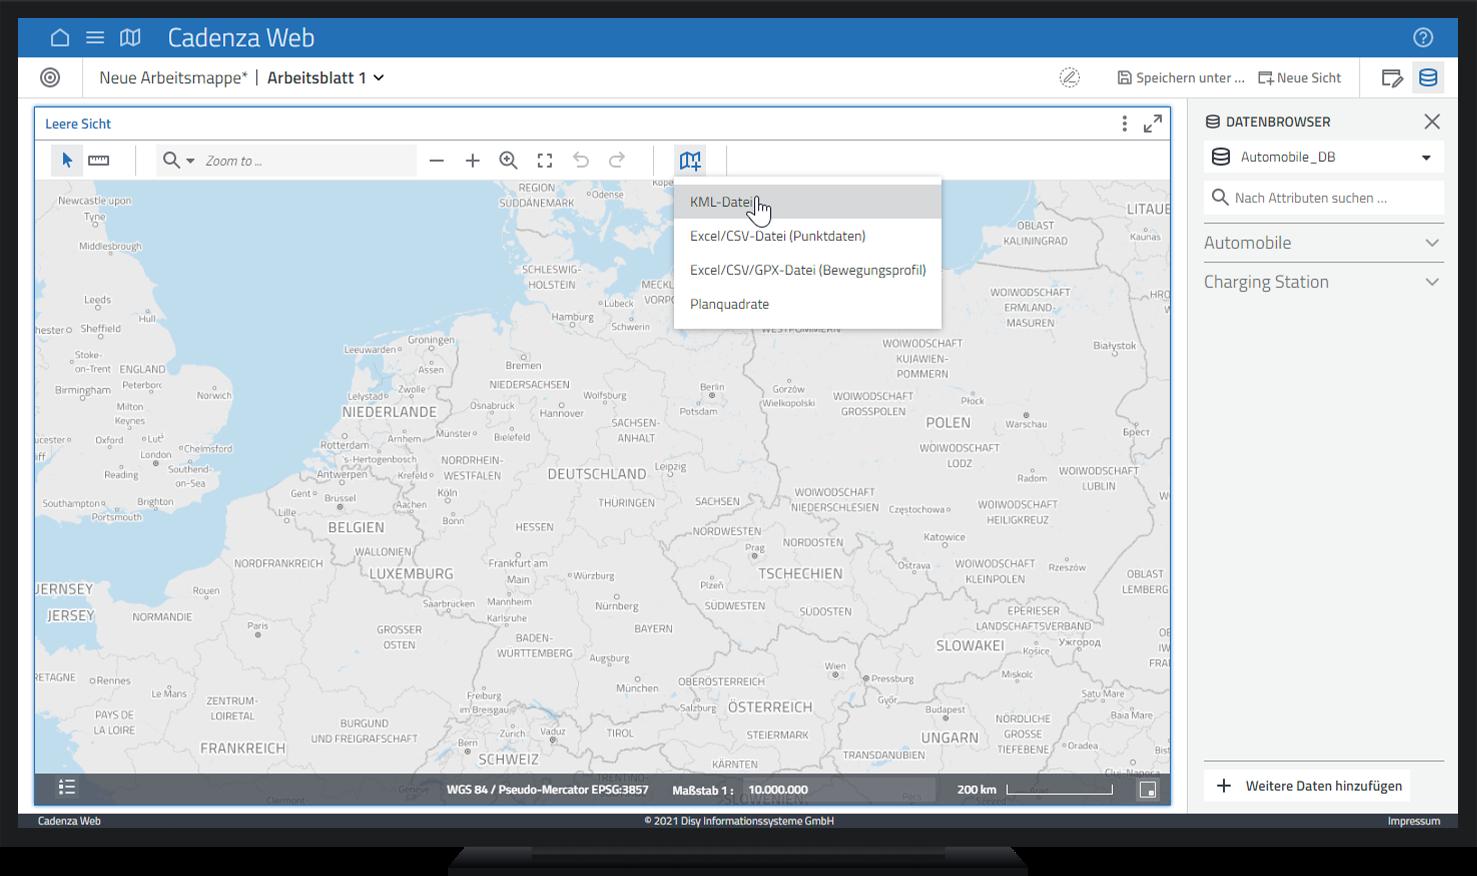 Abb. 1: KML-Daten in eine Karte importieren